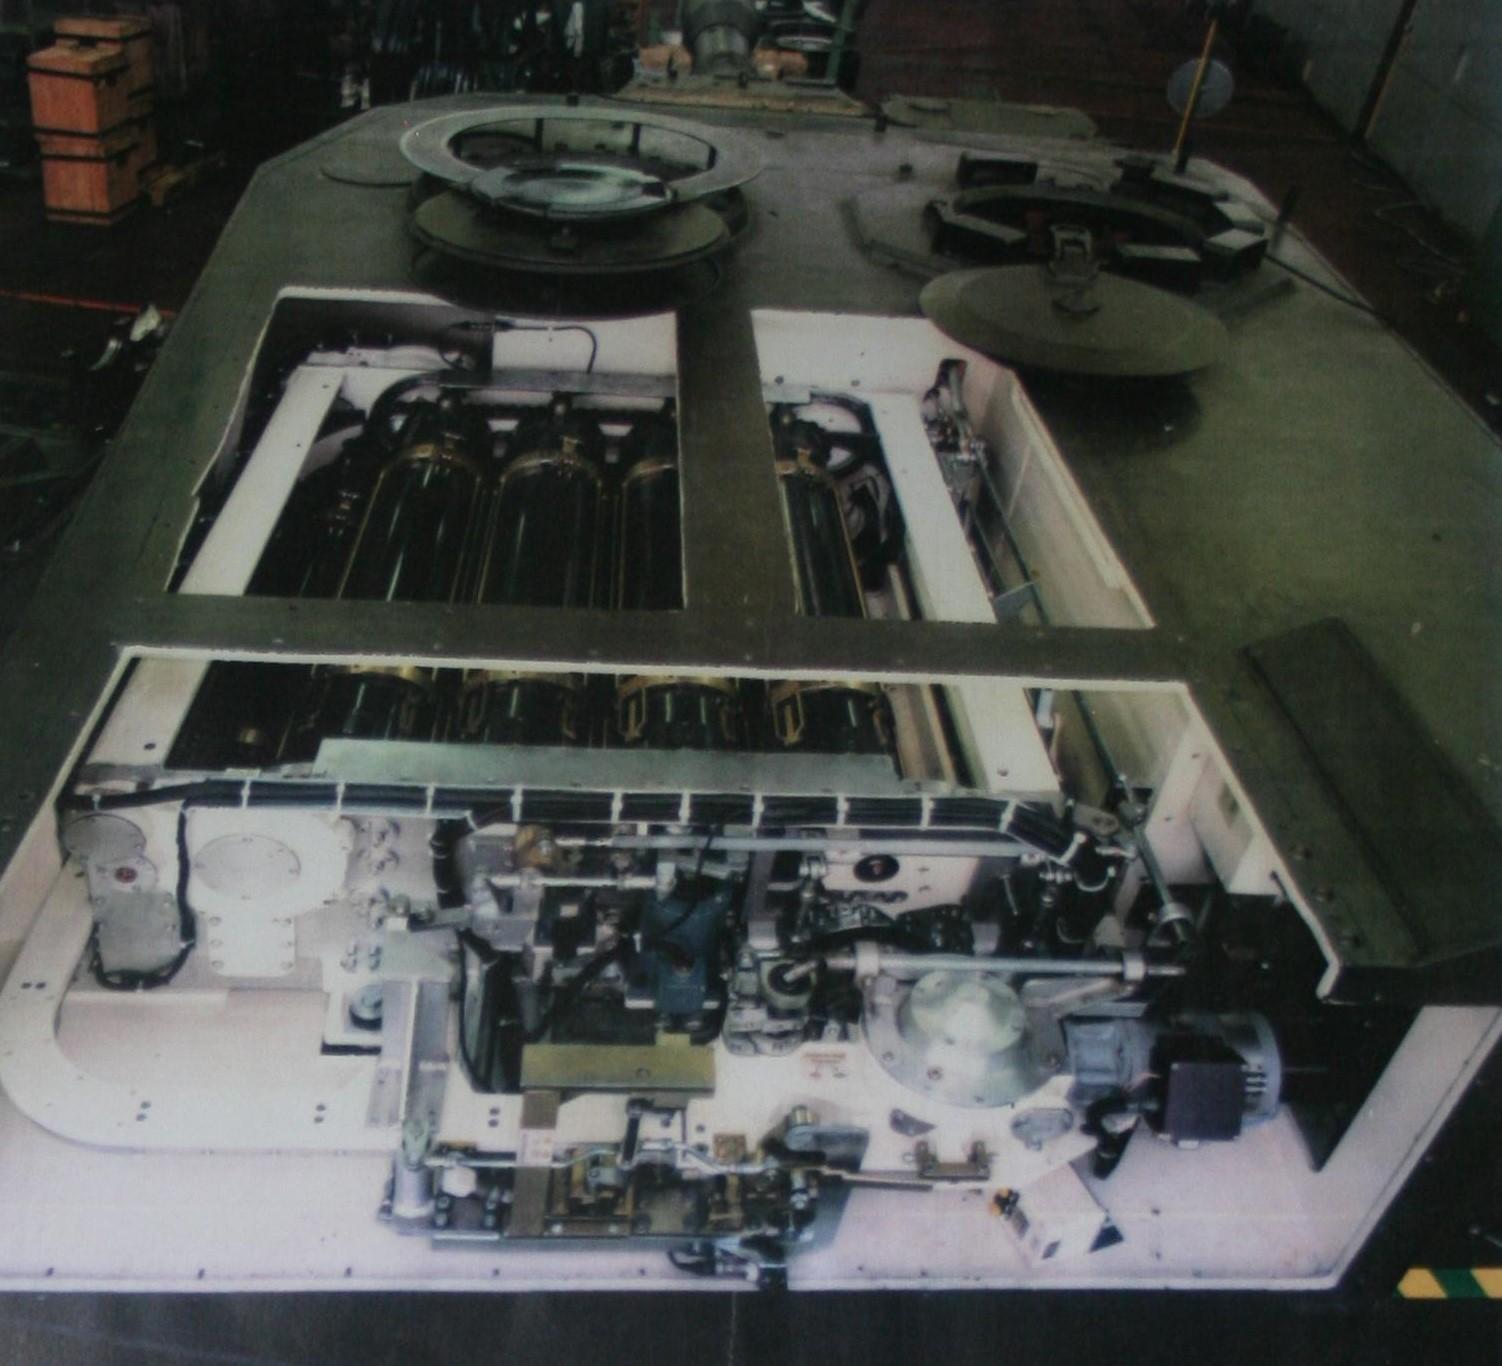 PT14+%2528mod%2529+Ladeautomat.jpg